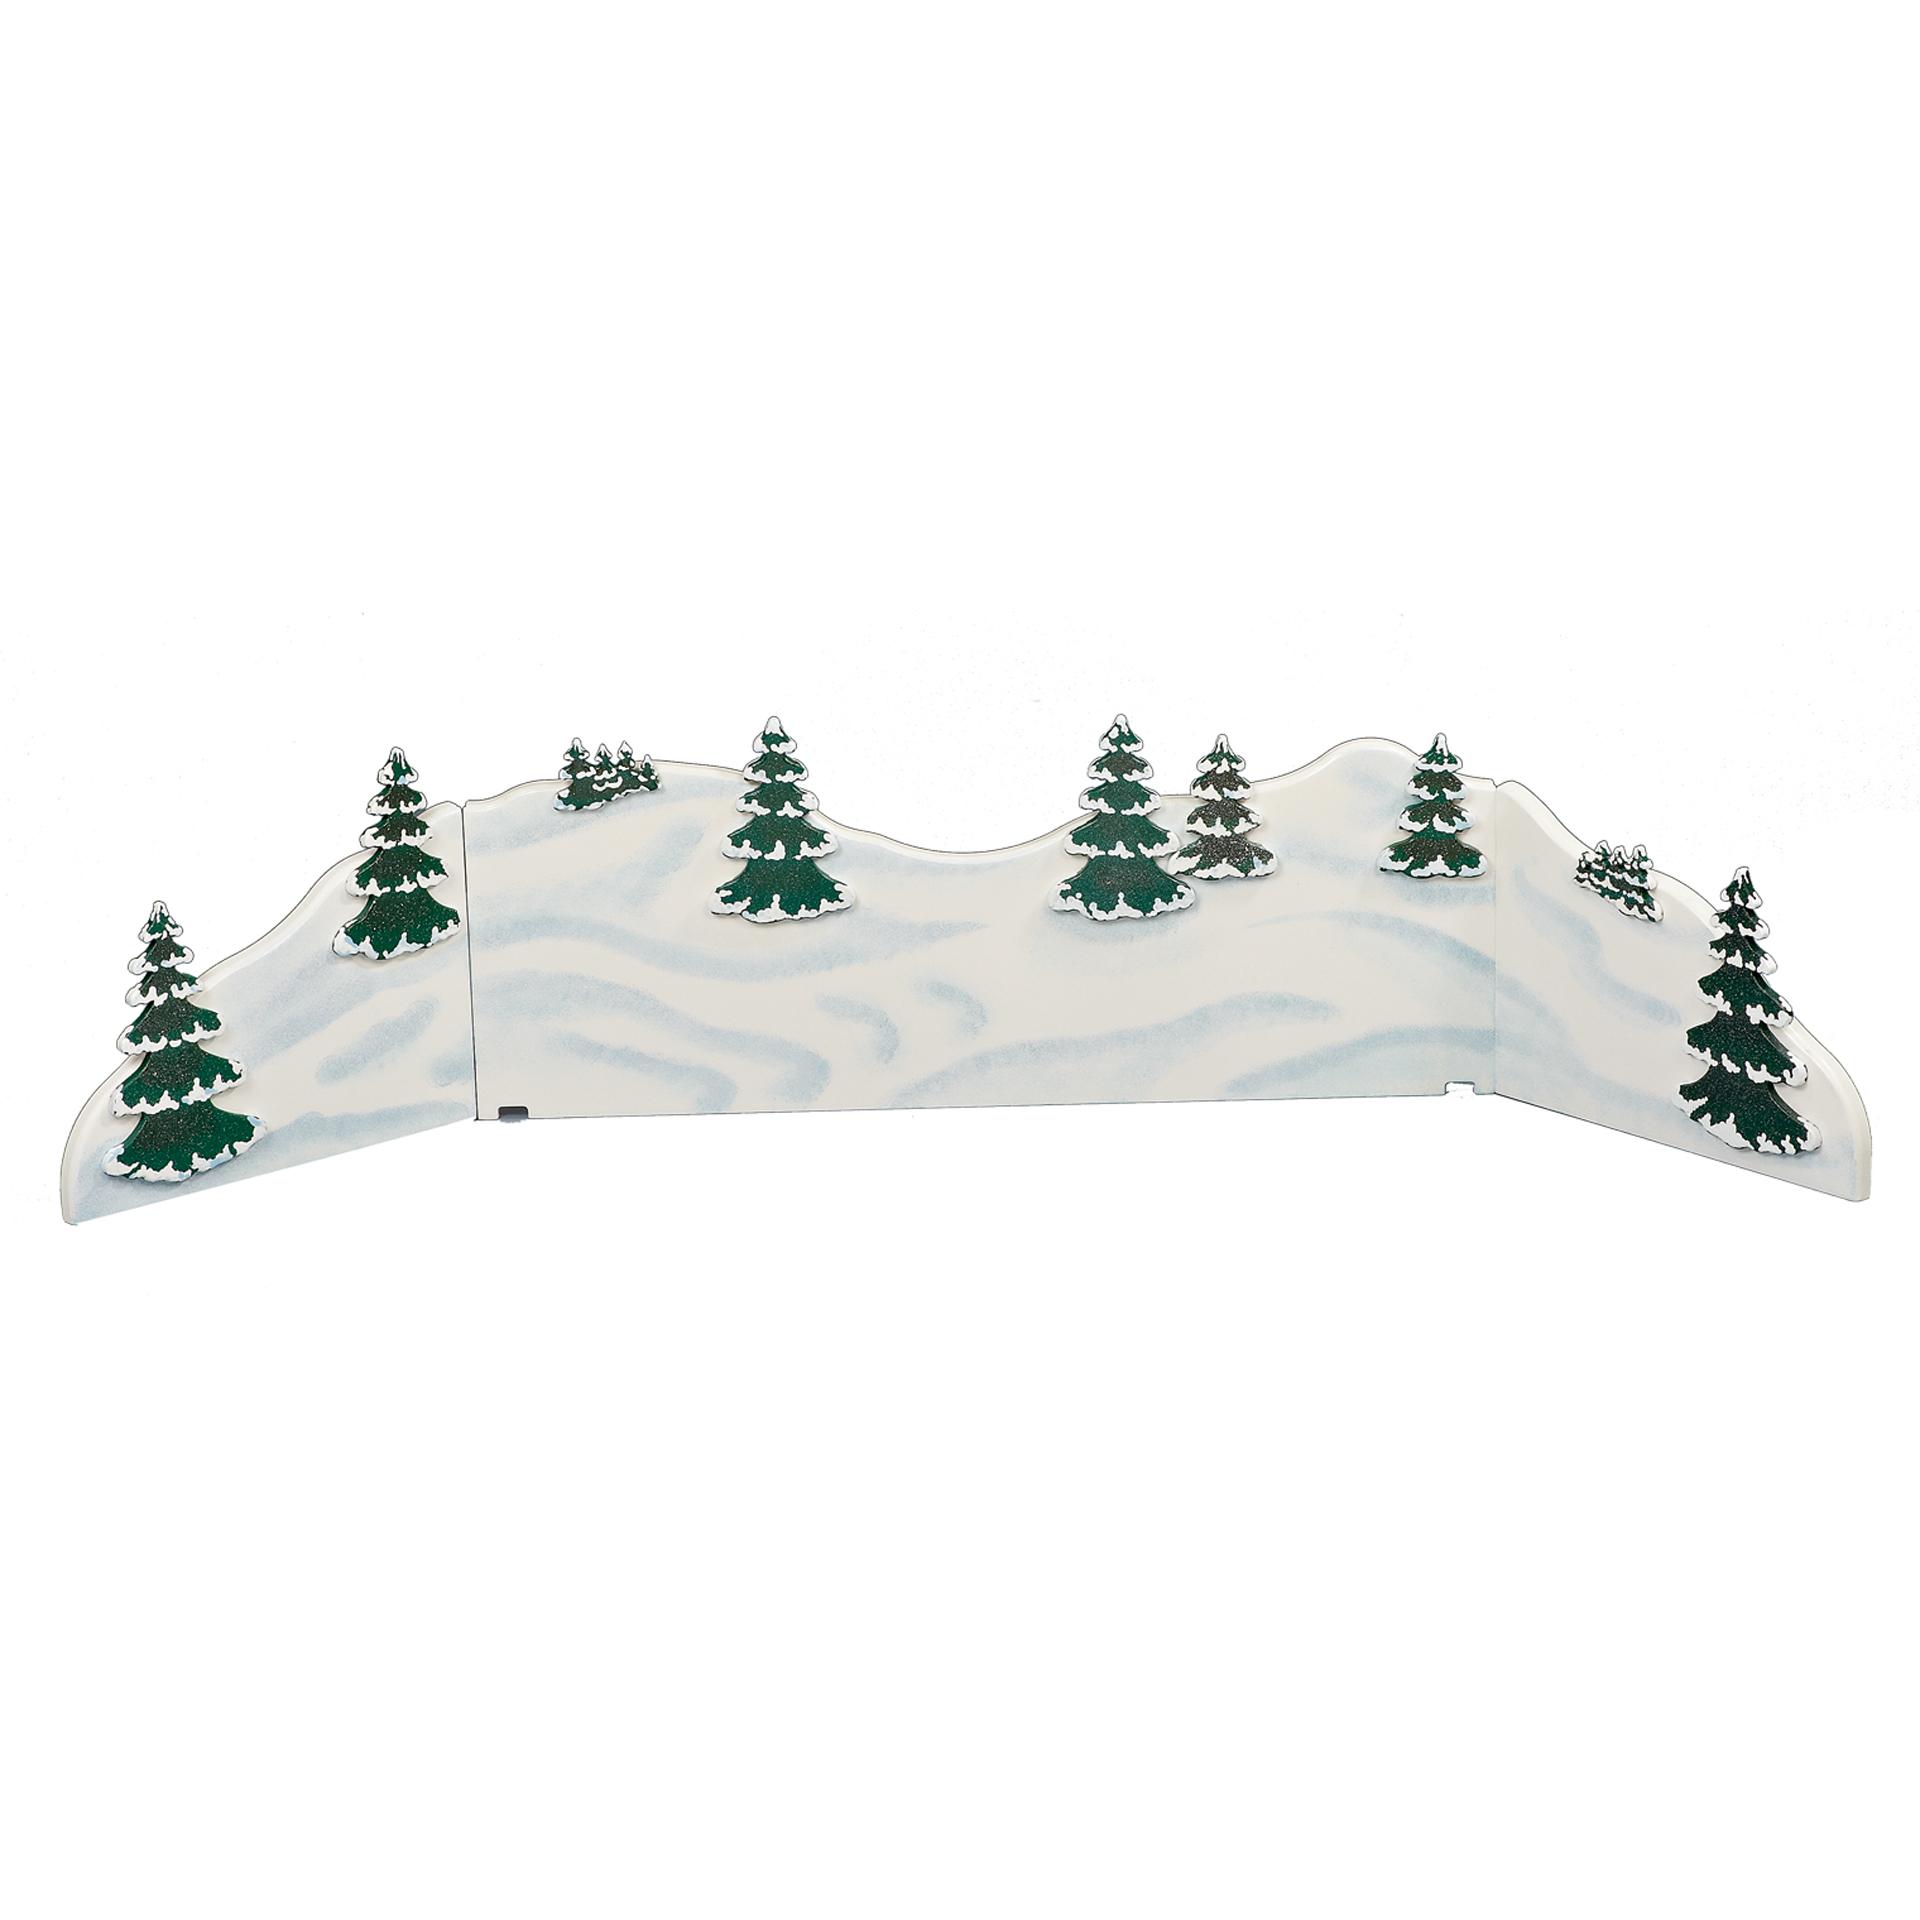 Winterlandschaft Diorama